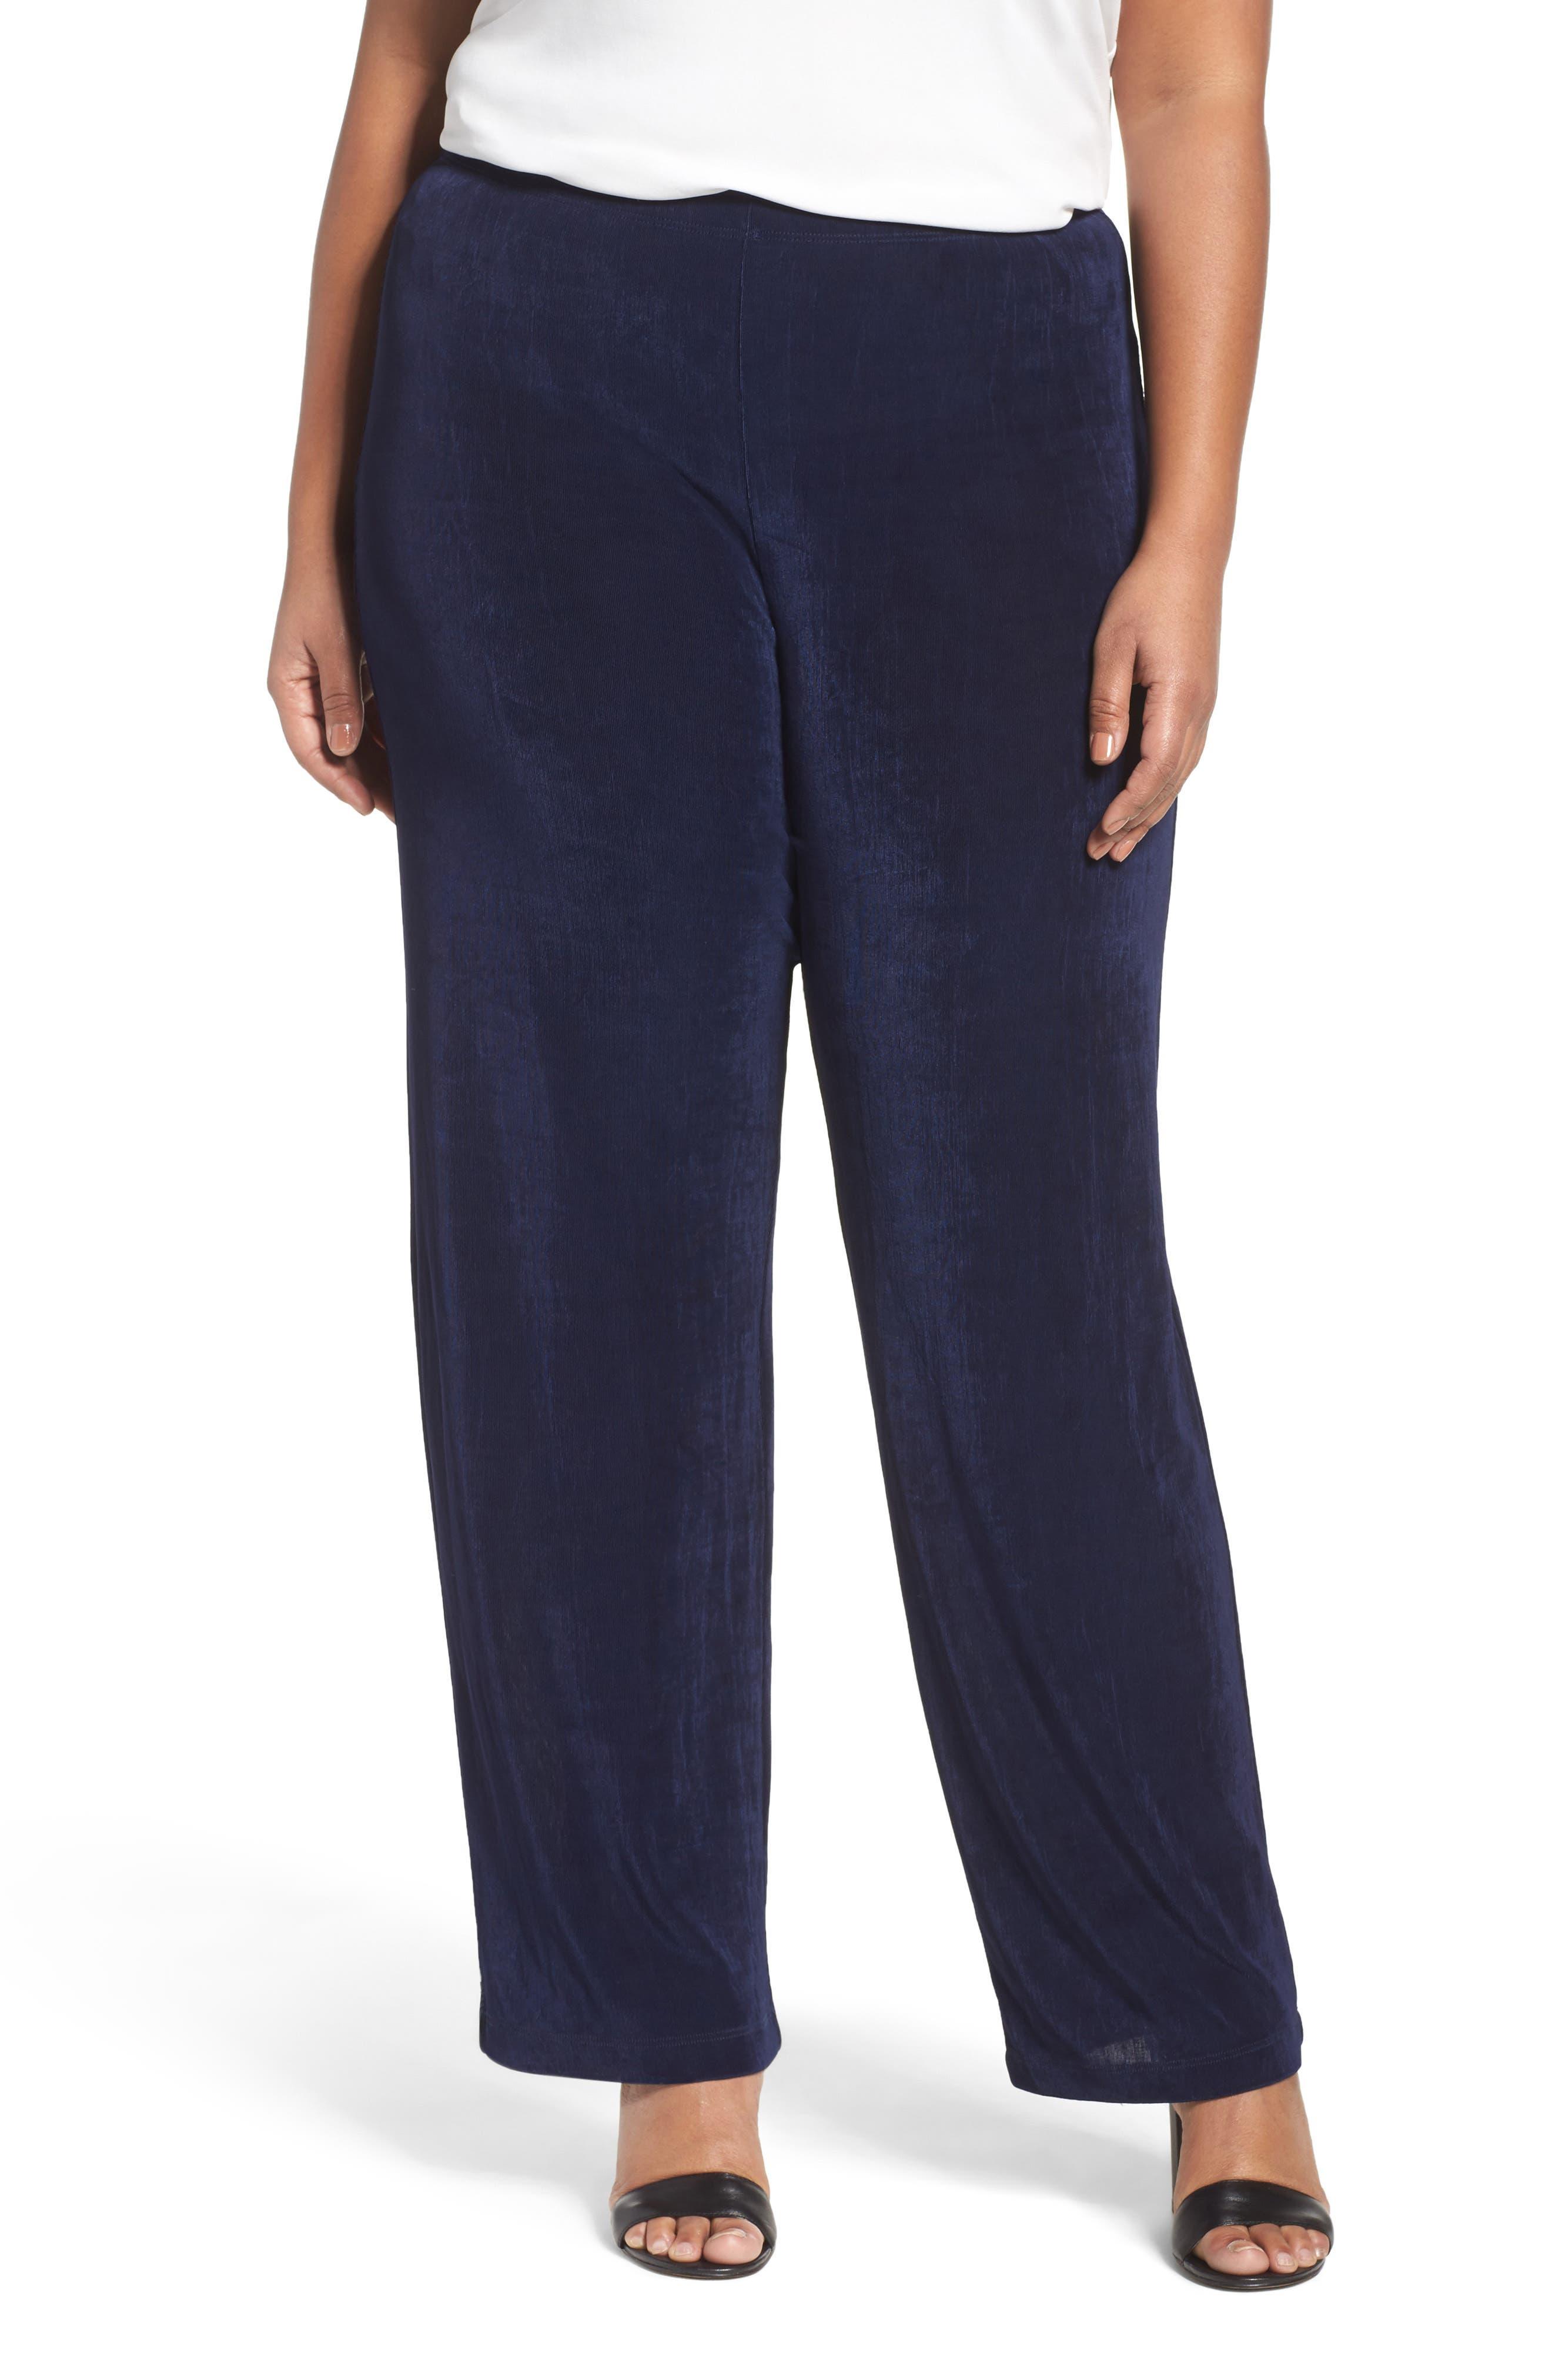 Plus Women's Vikki Vi High Rise Pull-On Pants